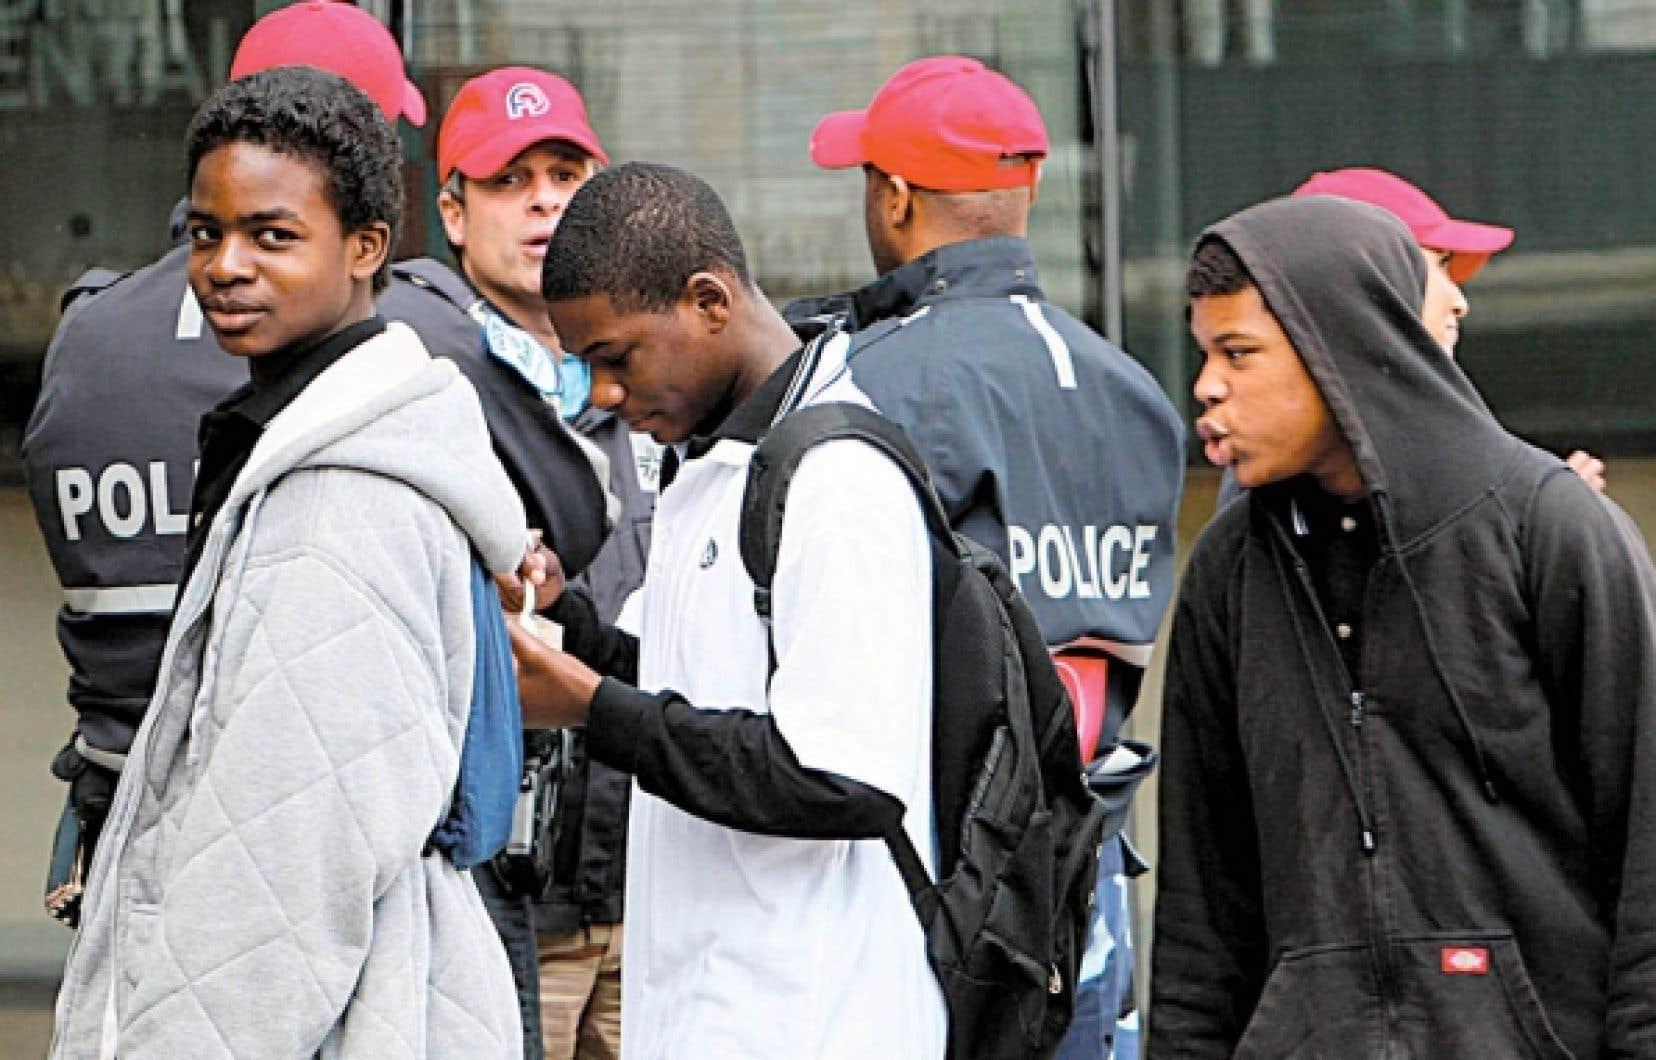 Dans la rue, les jeunes issus de minorit&eacute;s sont la cible d&rsquo;une surveillance accrue de la police.<br />